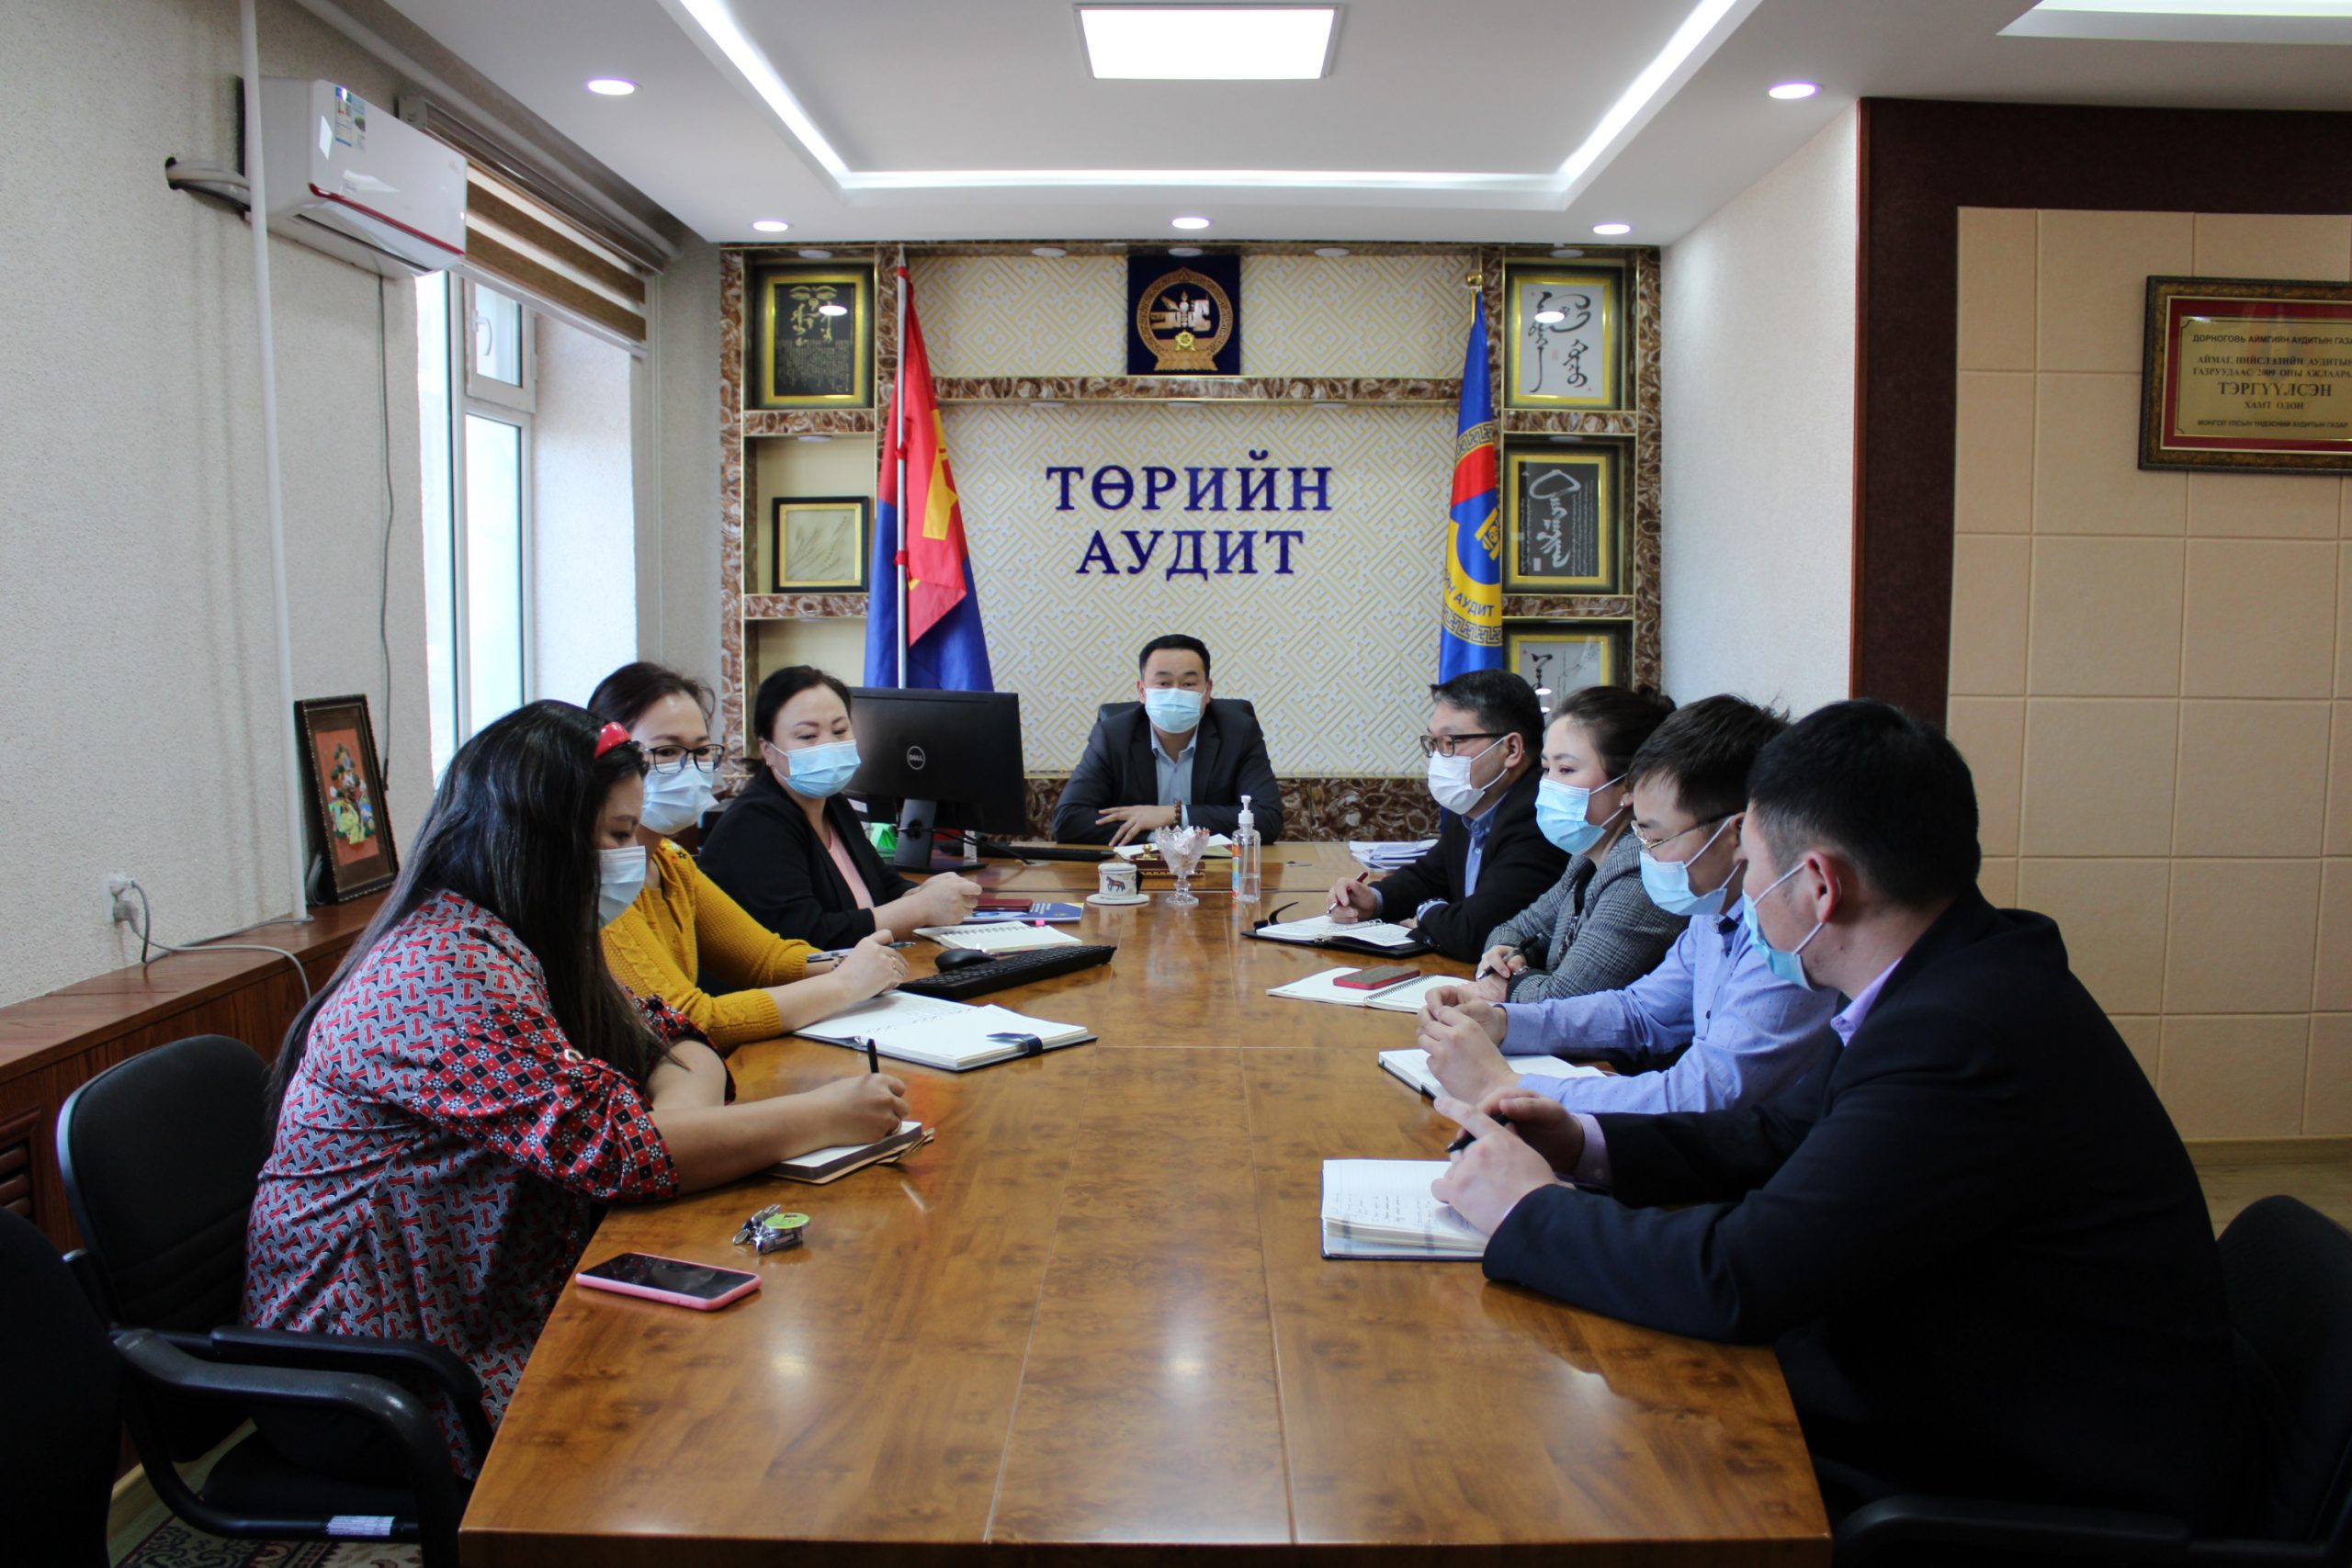 Дорноговь ТАГ - 2021 онд гүйцэтгэх Санхүүгийн тайлангийн аудитын нээлтийг хийв